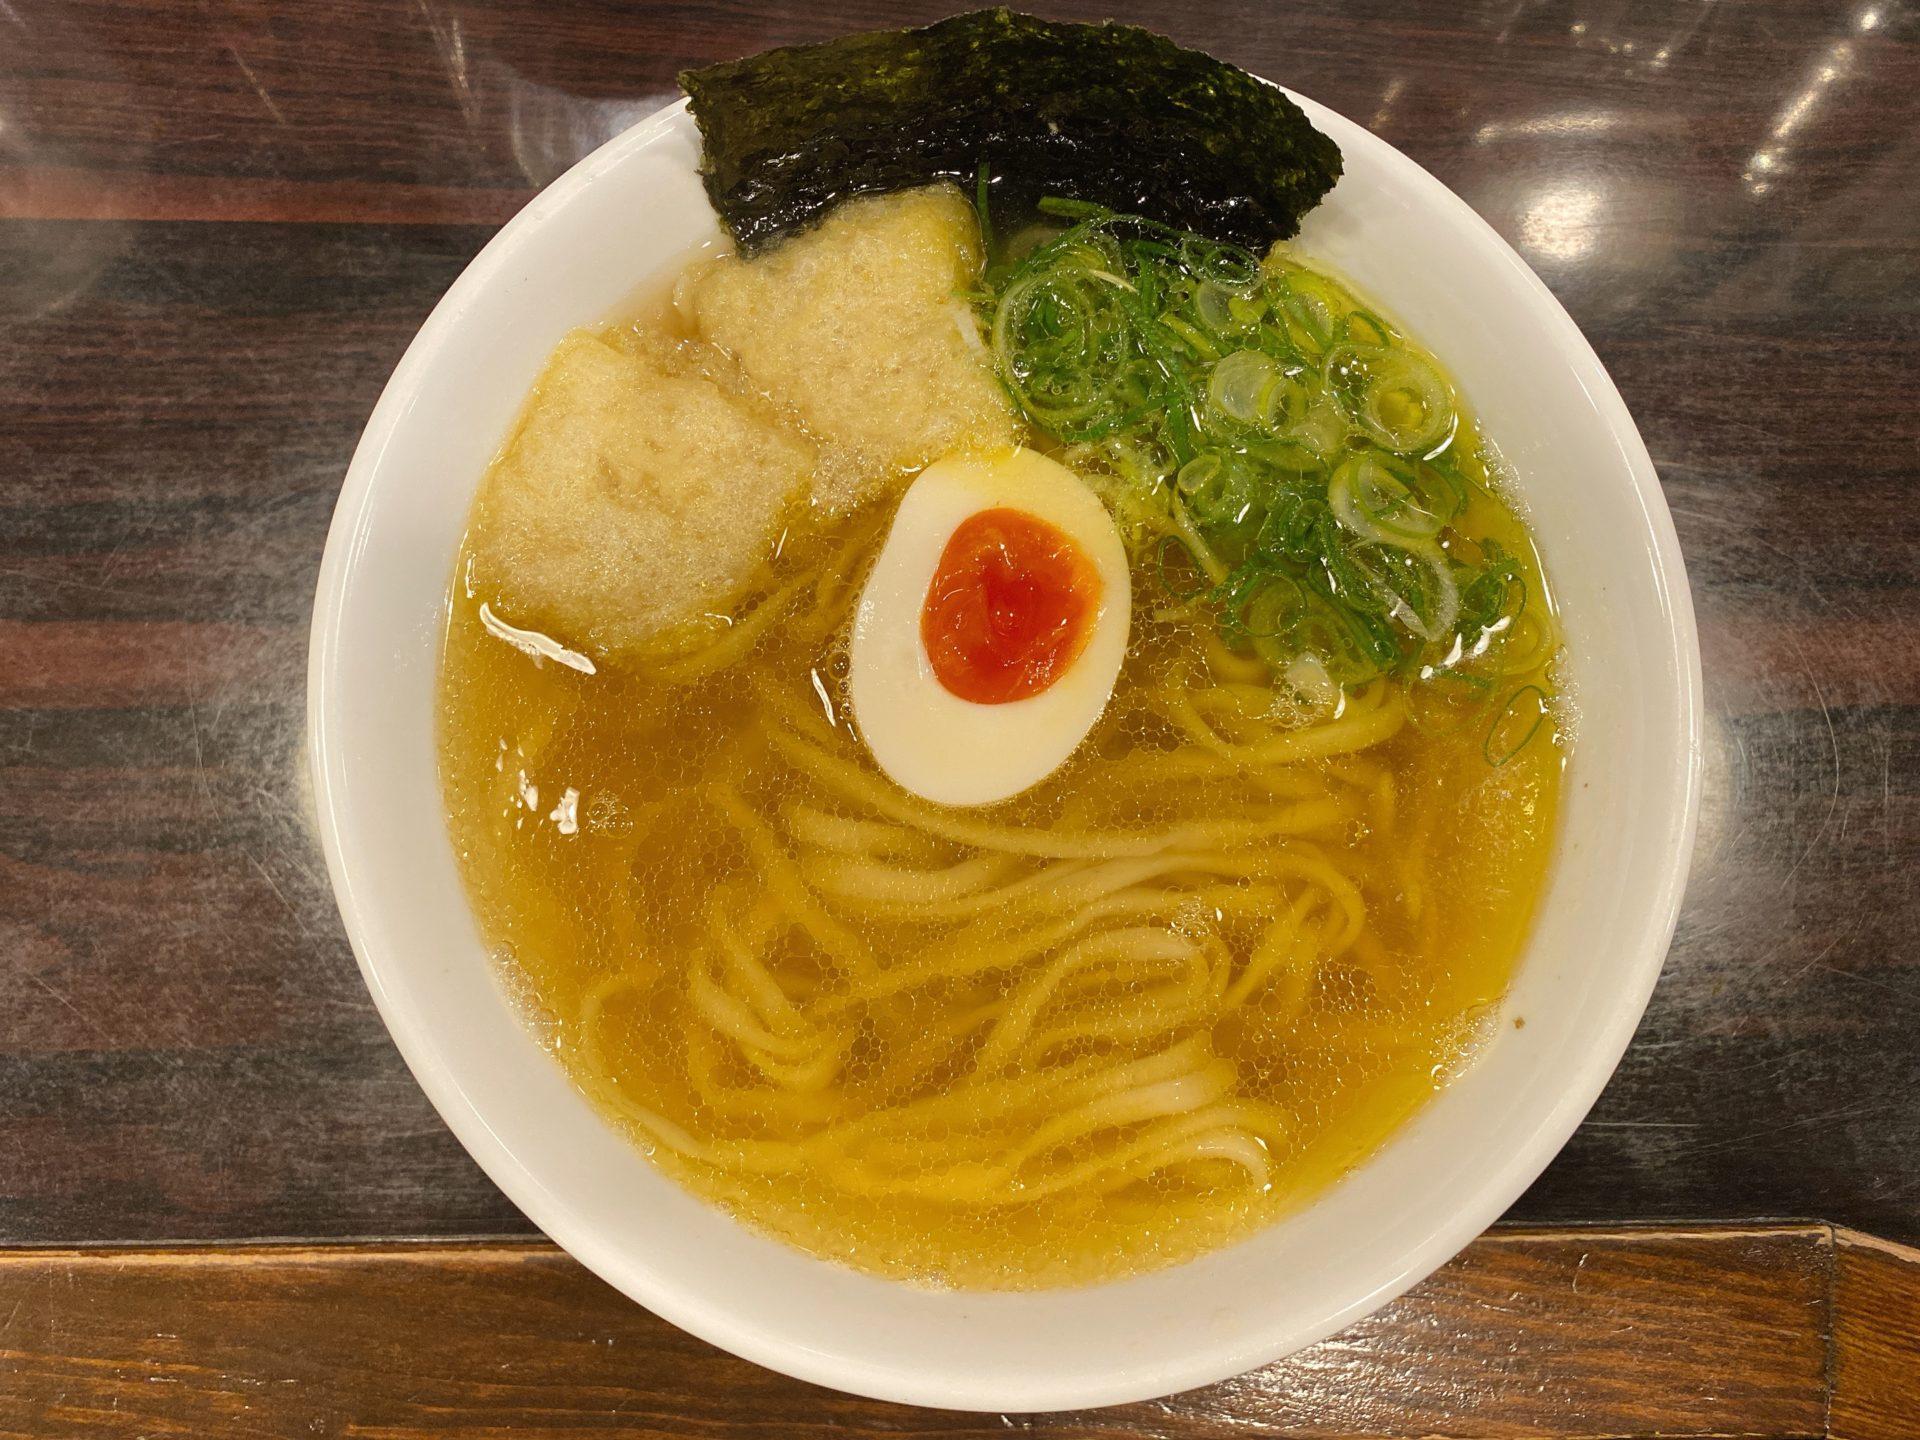 県庁すぐ近く 麺や 心楽(こらく)は朝ラーメンが6時から楽しめる!550円の煮干しスープの上品な鮮烈さと、麺の心地よさにノックダウン!